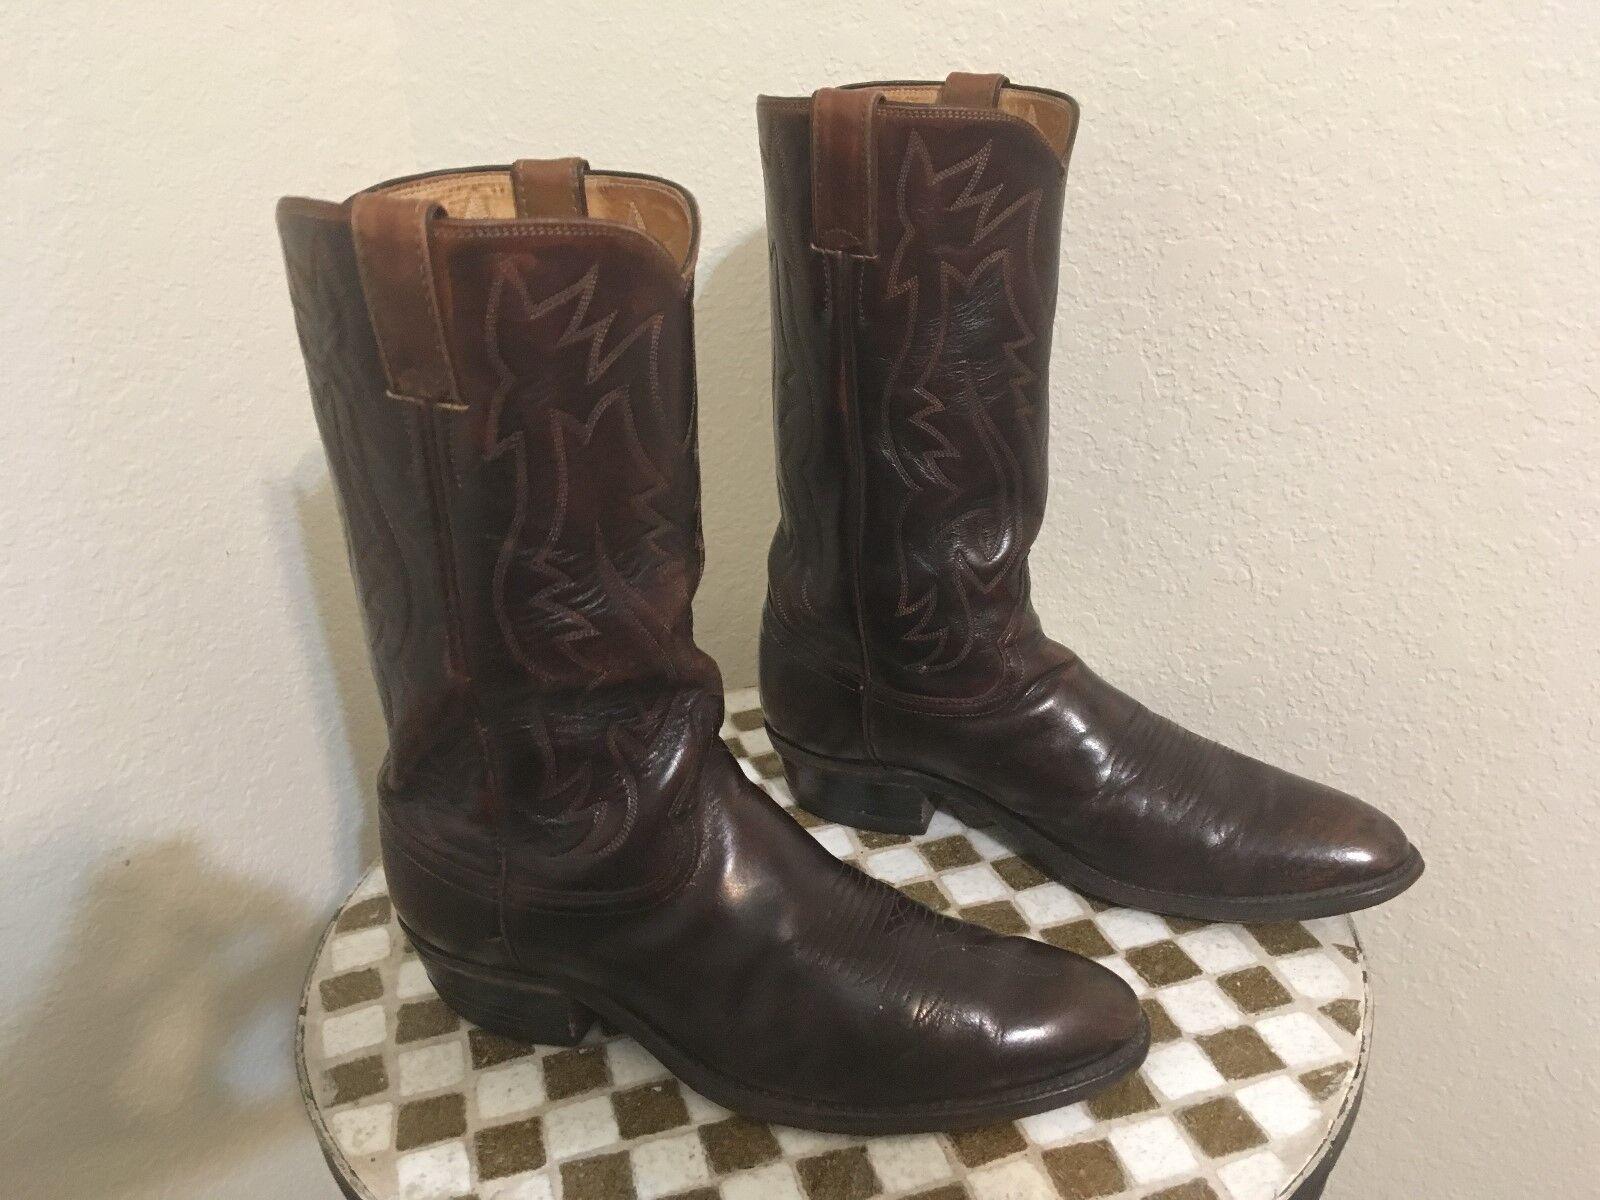 2909 Vintage JUSTIN Rockabilly botas USA envejecido Rancho botas de trabajo 9.5 D